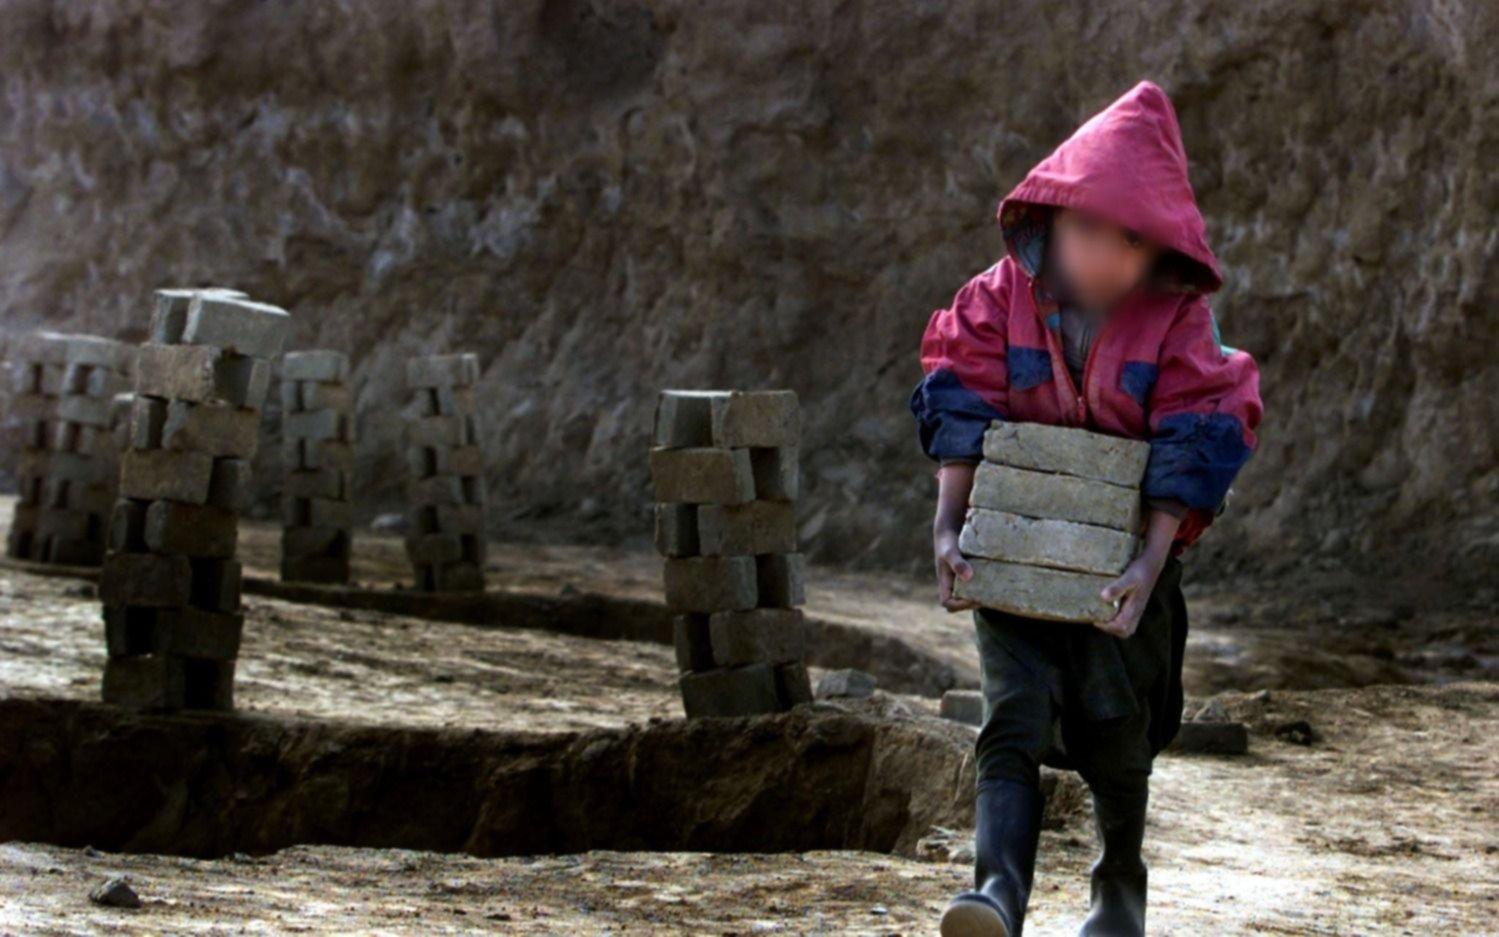 """""""Hay que redoblar esfuerzos para bajar los índices de trabajo infantil"""", pidió el Defensor Adjunto Walter Martello"""